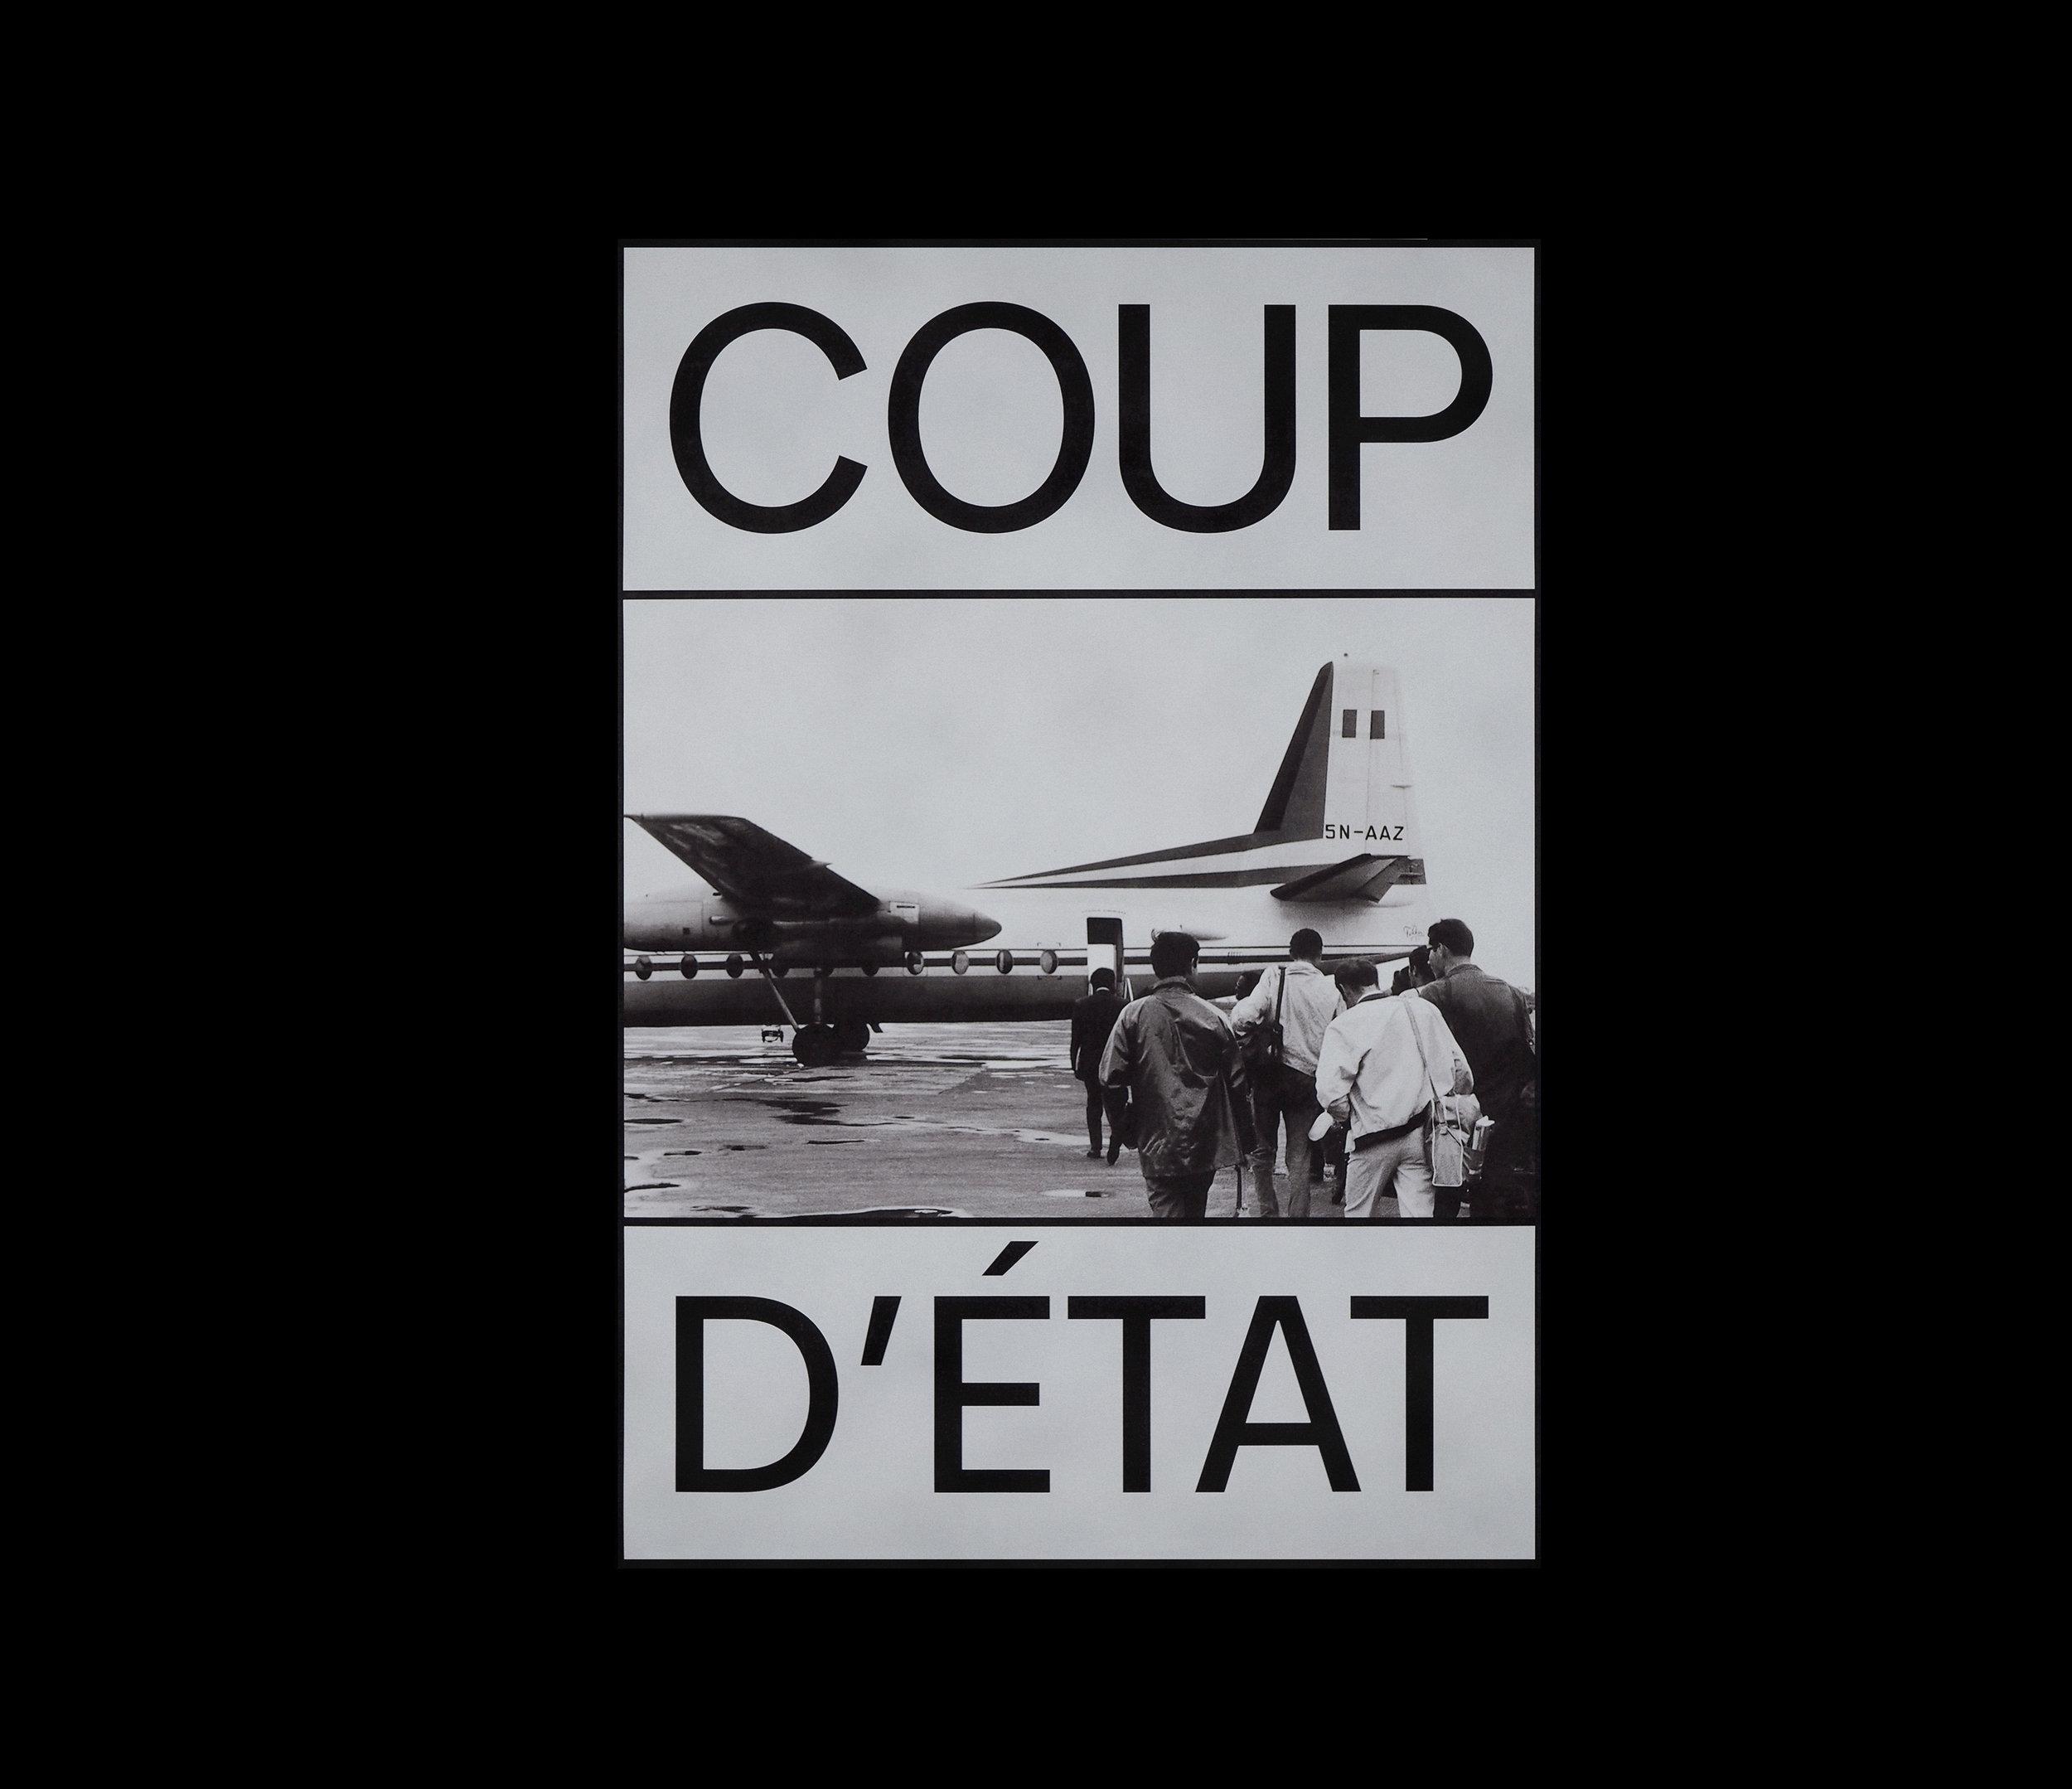 COUP D'ÉTAT